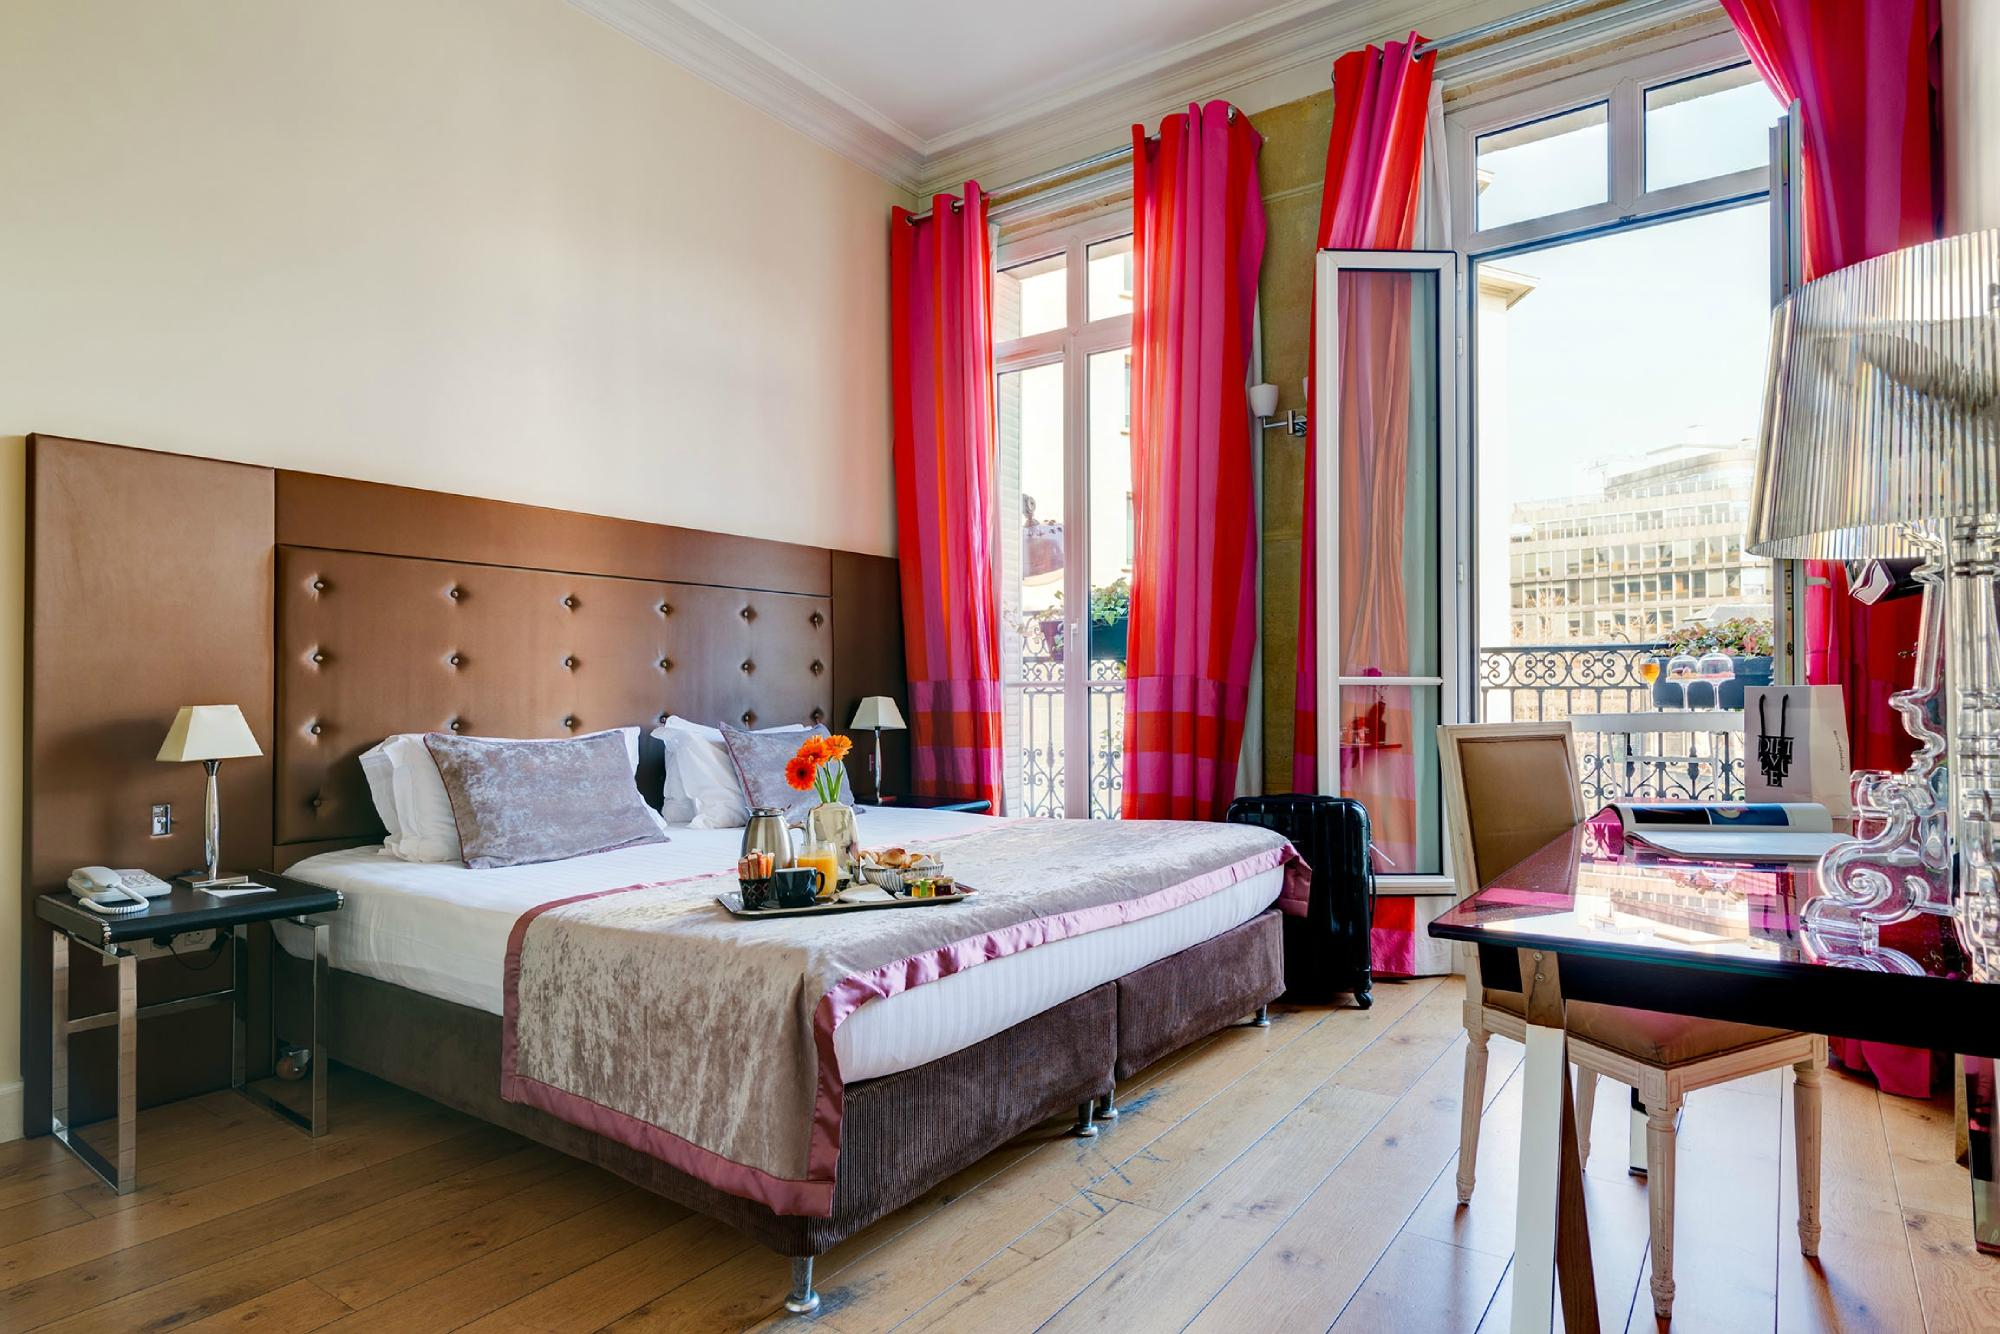 Hotel Le 123 Elysees - Astotel